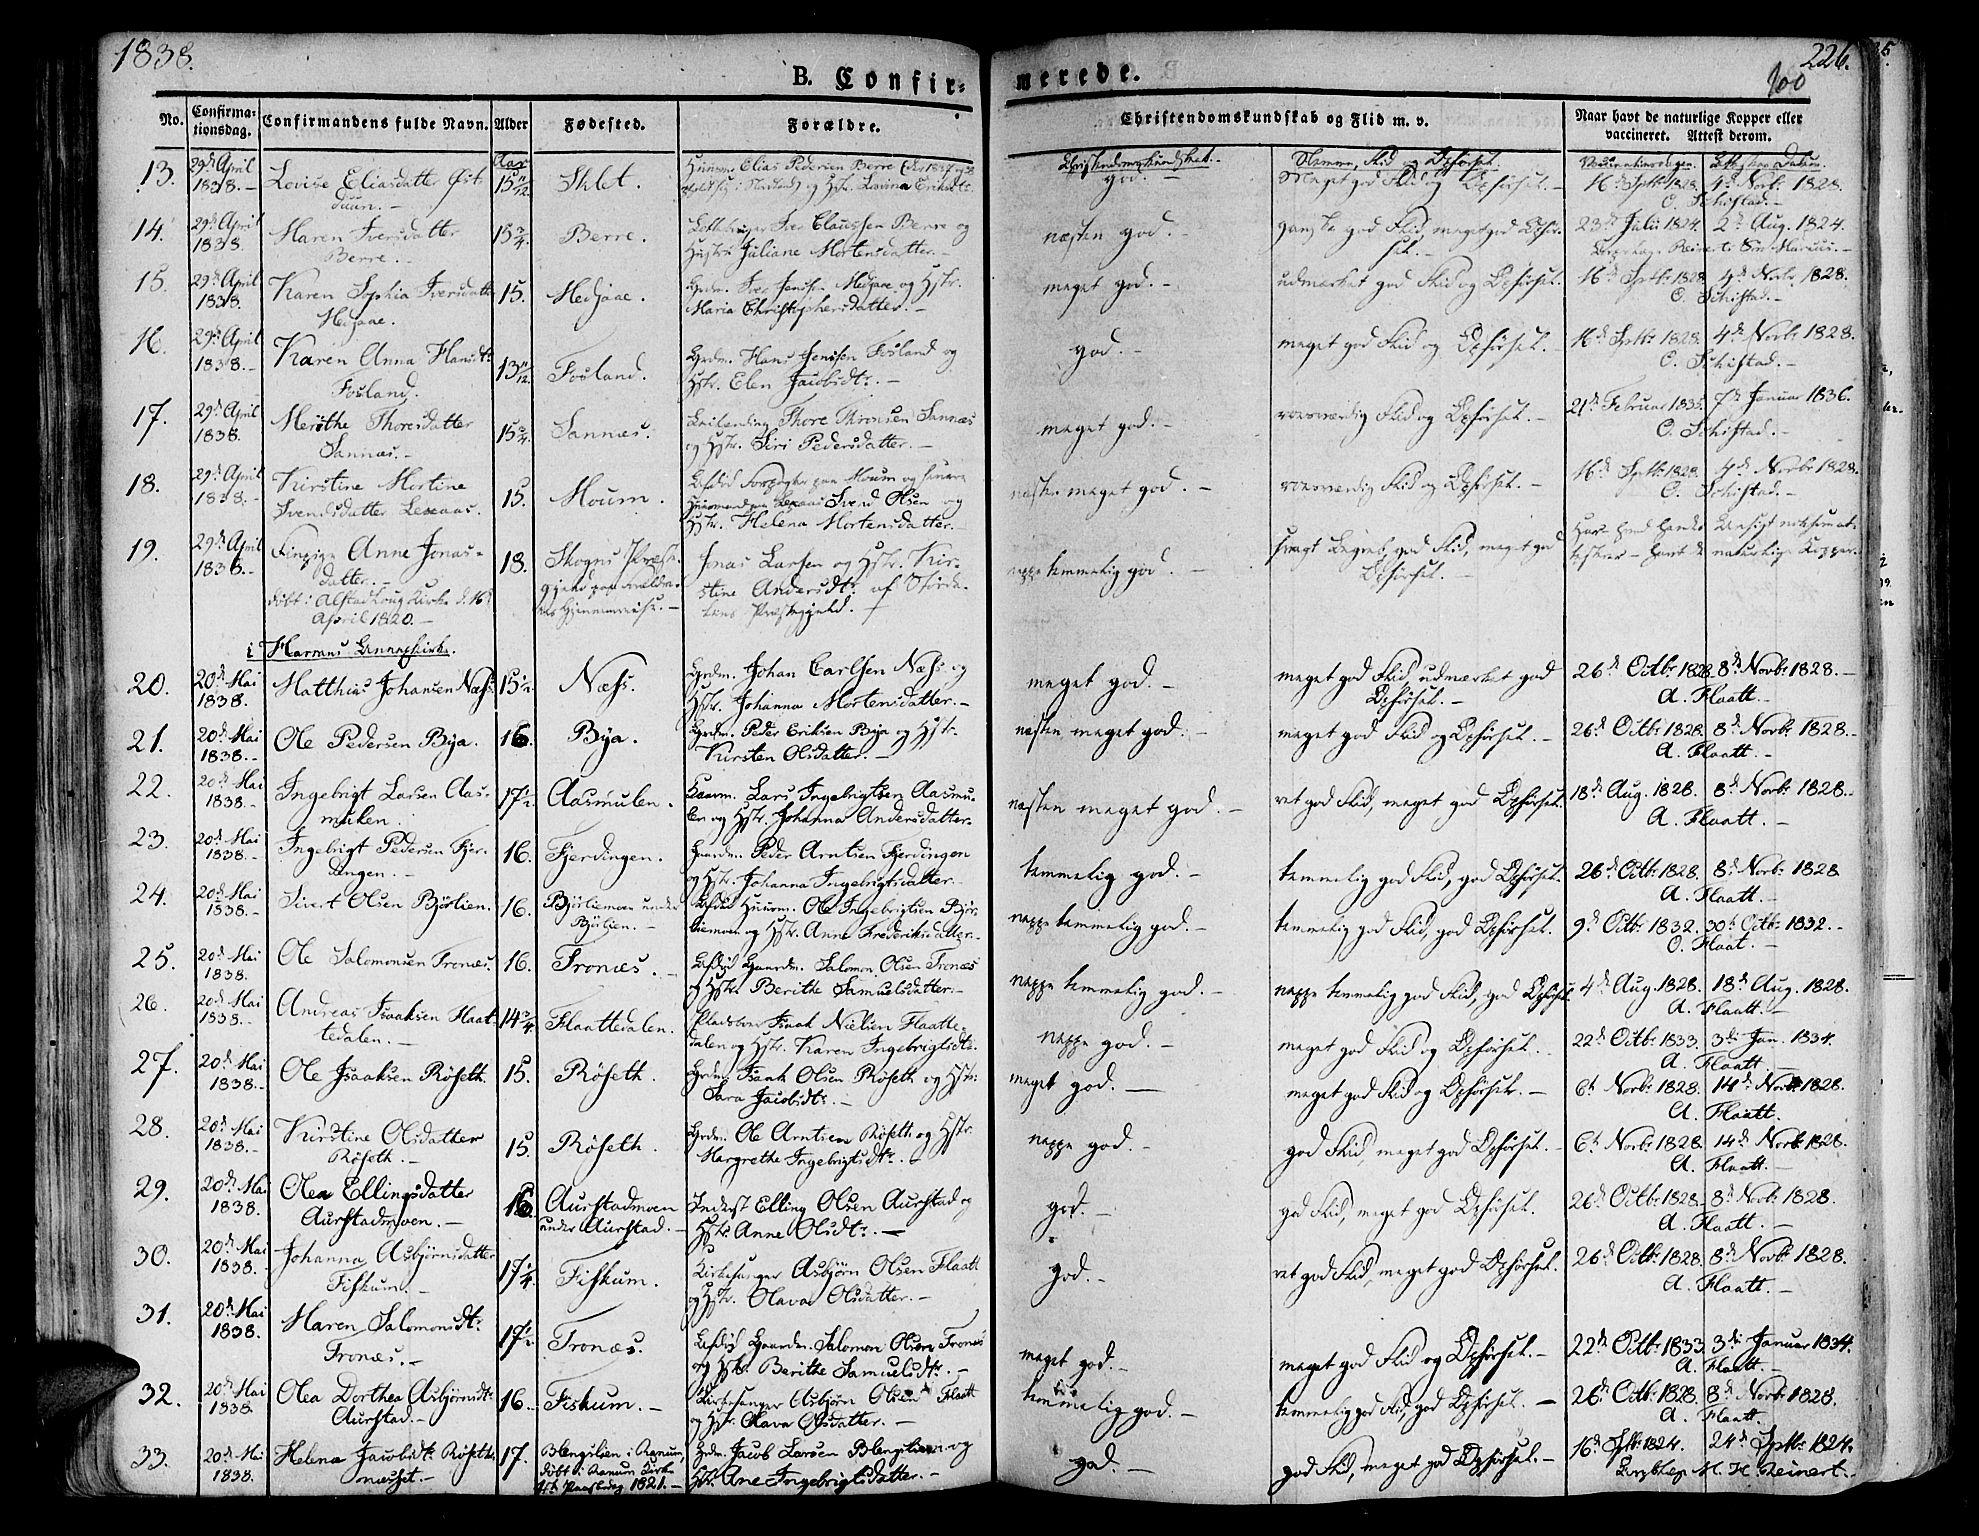 SAT, Ministerialprotokoller, klokkerbøker og fødselsregistre - Nord-Trøndelag, 758/L0510: Ministerialbok nr. 758A01 /1, 1821-1841, s. 100